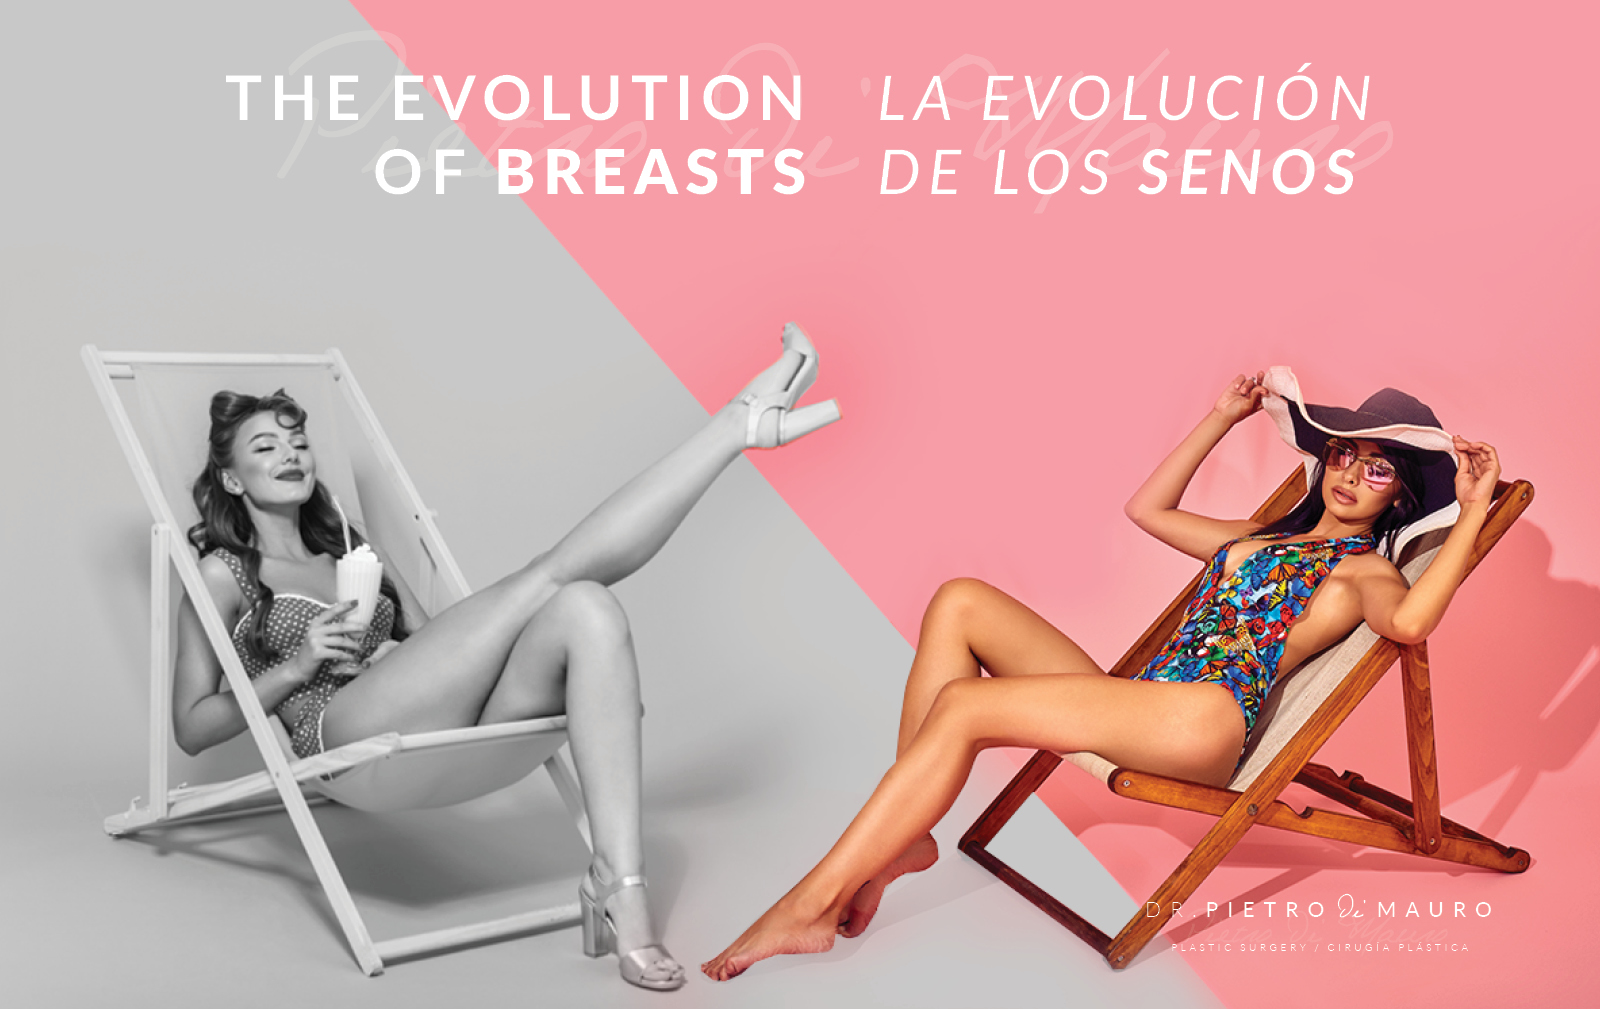 The evolution of breasts la evolución de los senos - Pietro Di Mauro